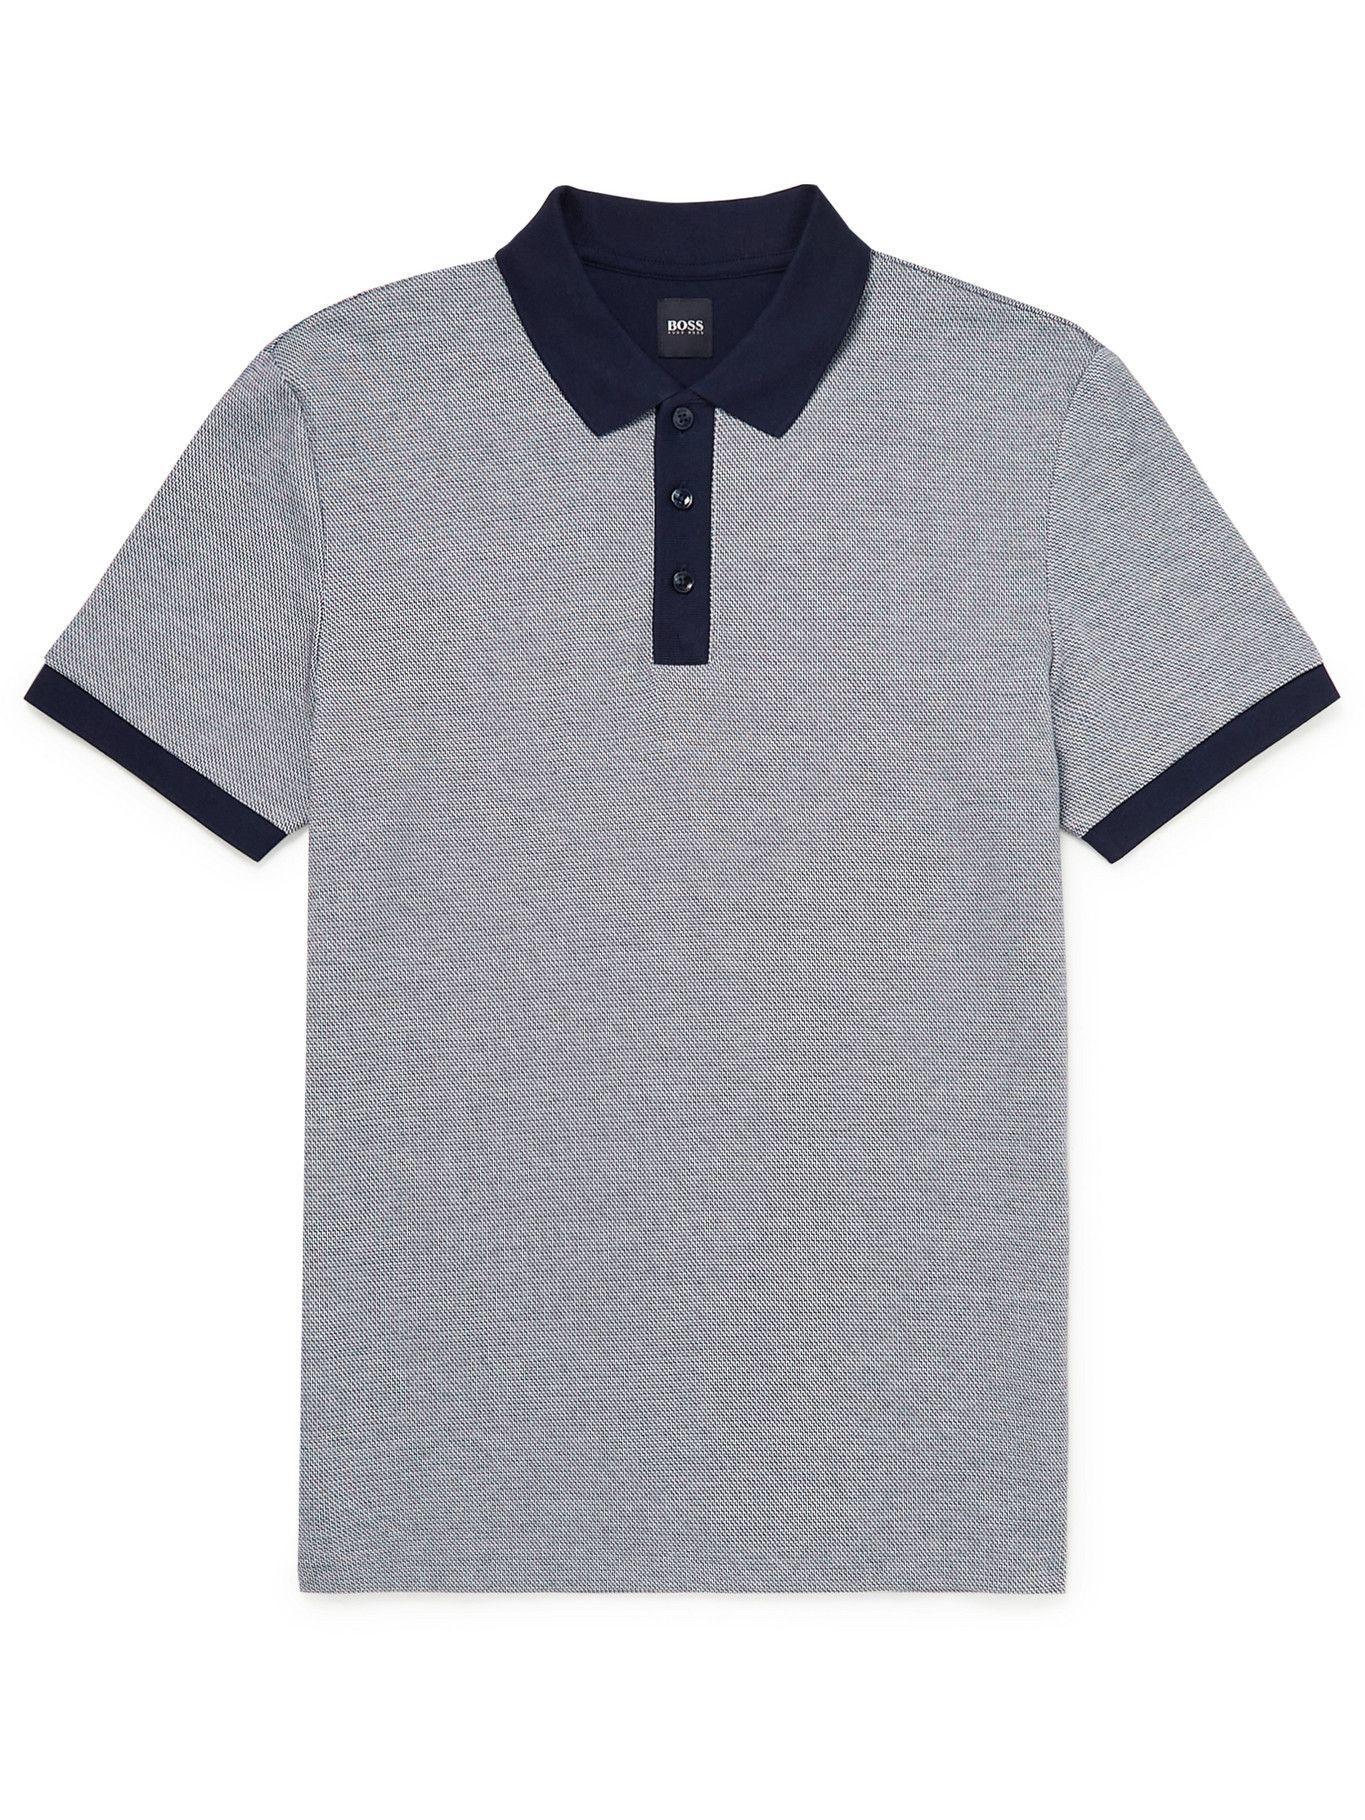 Photo: HUGO BOSS - Two-Tone Cotton-Piqué Polo Shirt - Gray